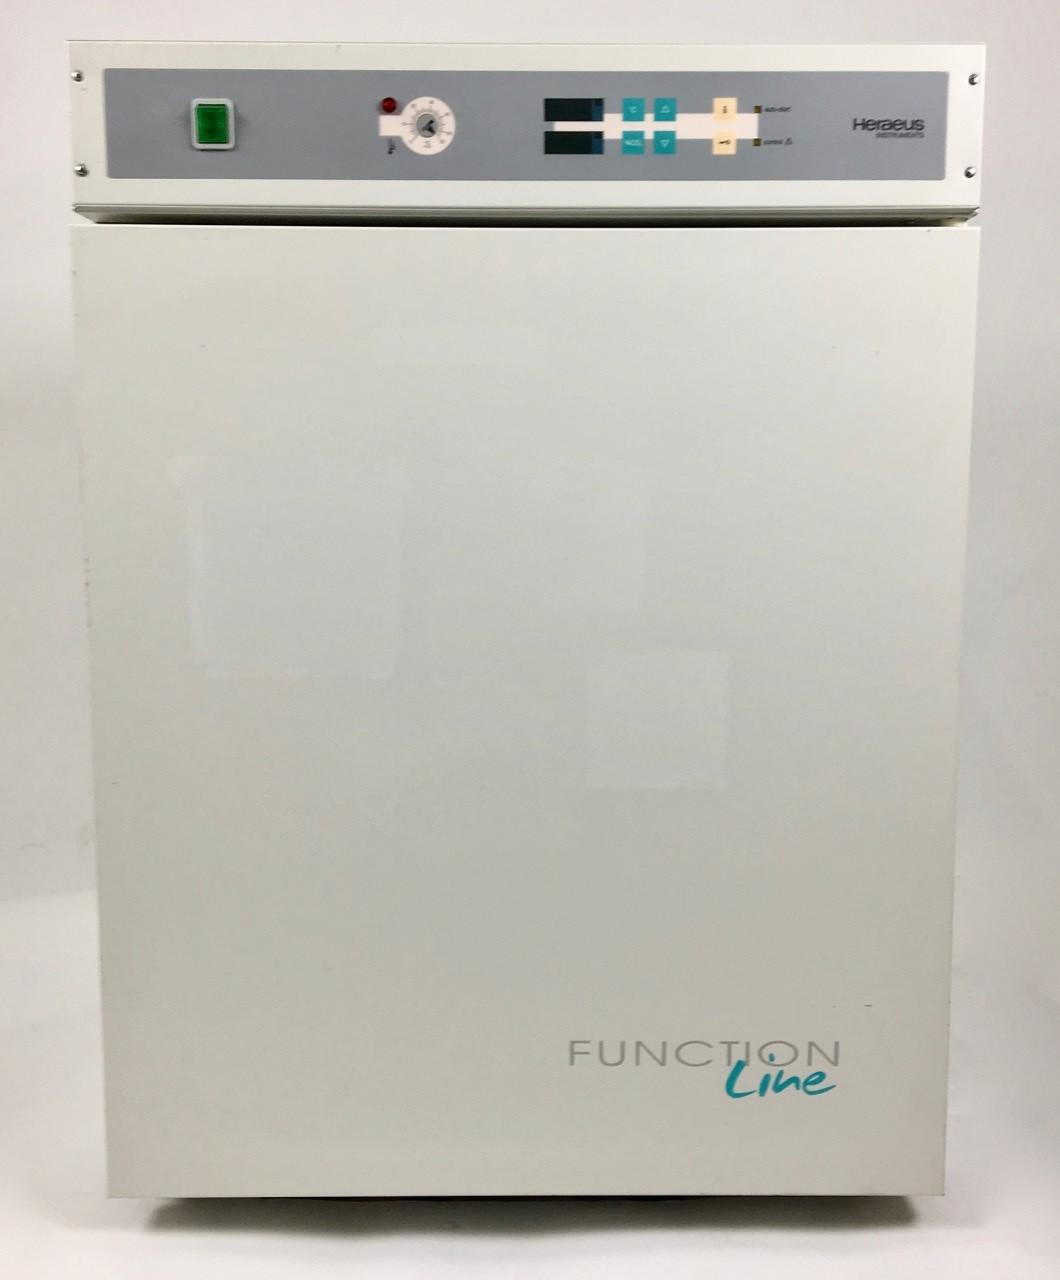 Б/У Медицинский воздушный стерилизатор Heraeus Functionline BB 16 CO2 (сухожаровой шкаф)